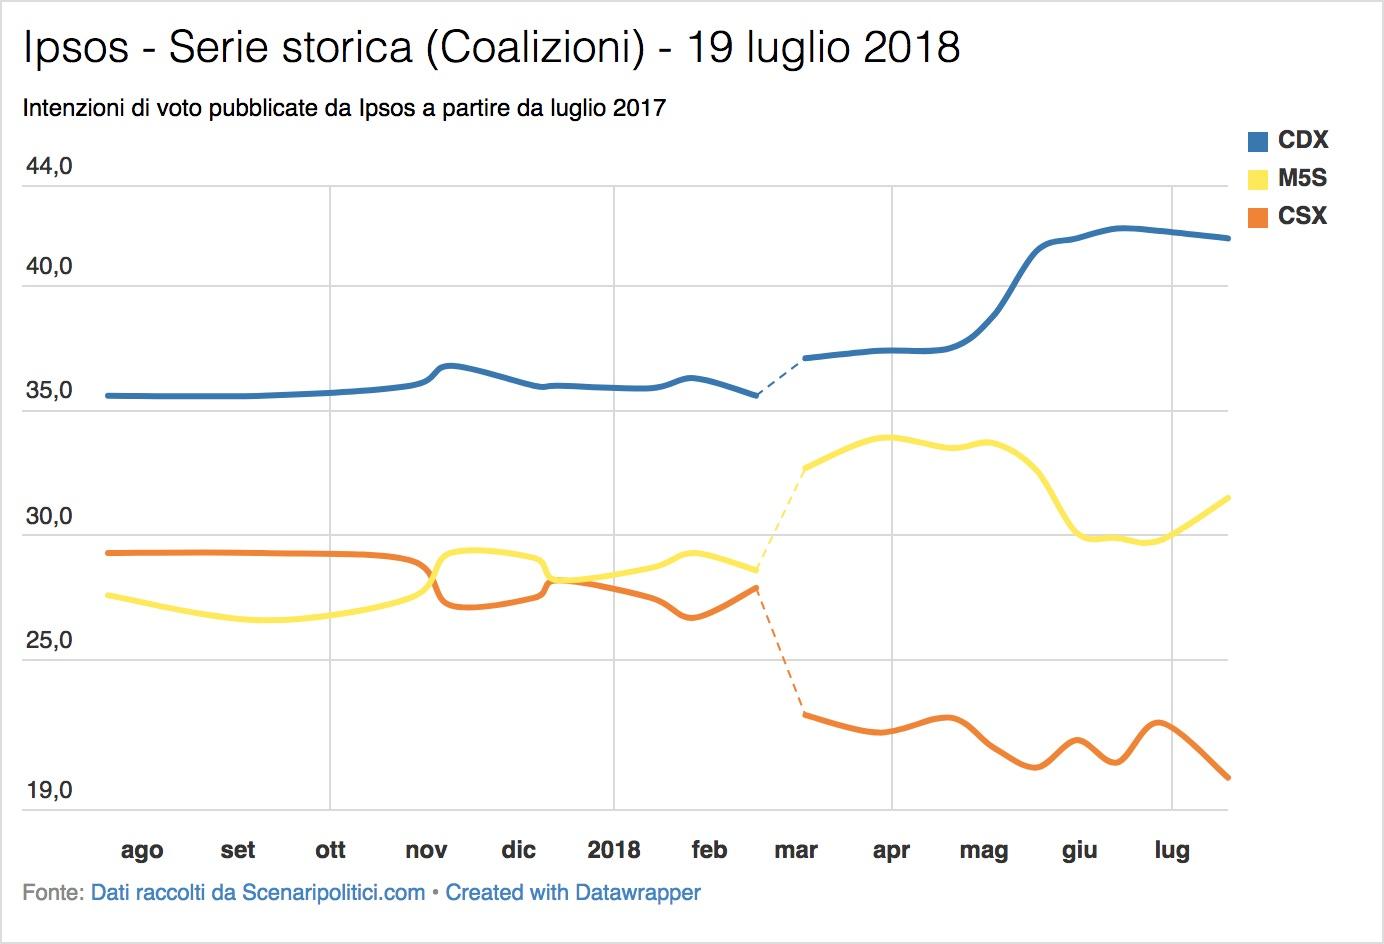 Sondaggio Ipsos (19 luglio 2018)